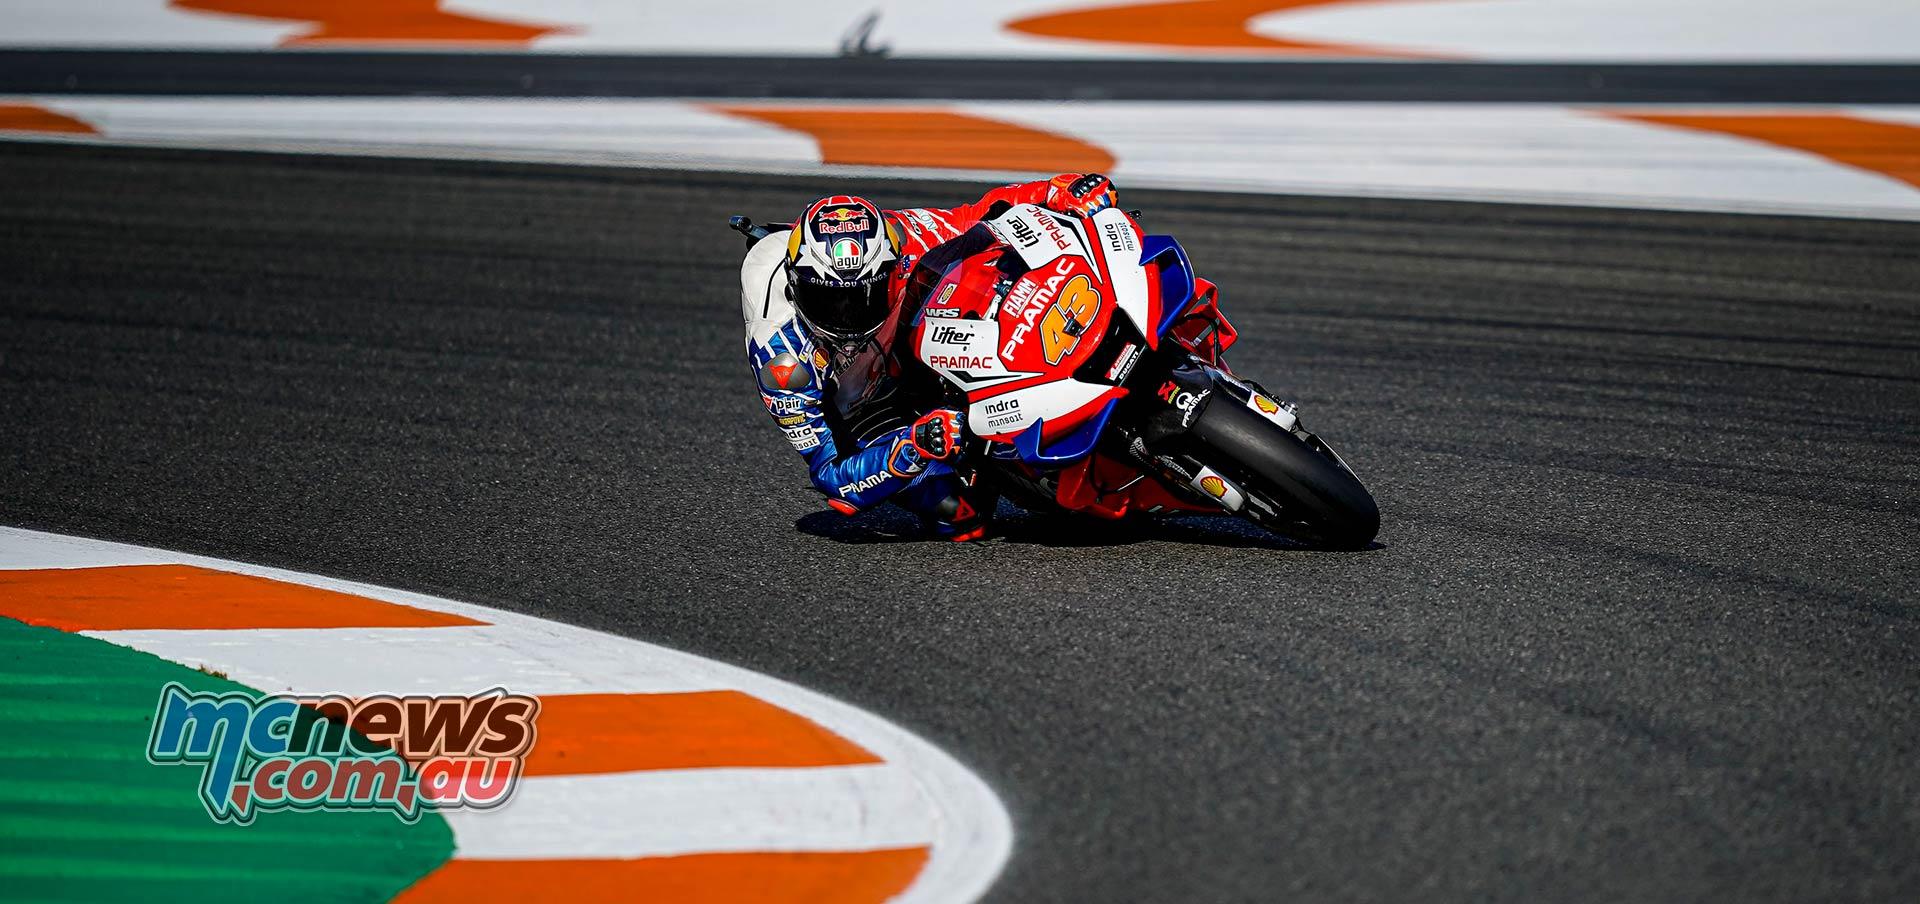 MotoGP Round Valencia Day Miller